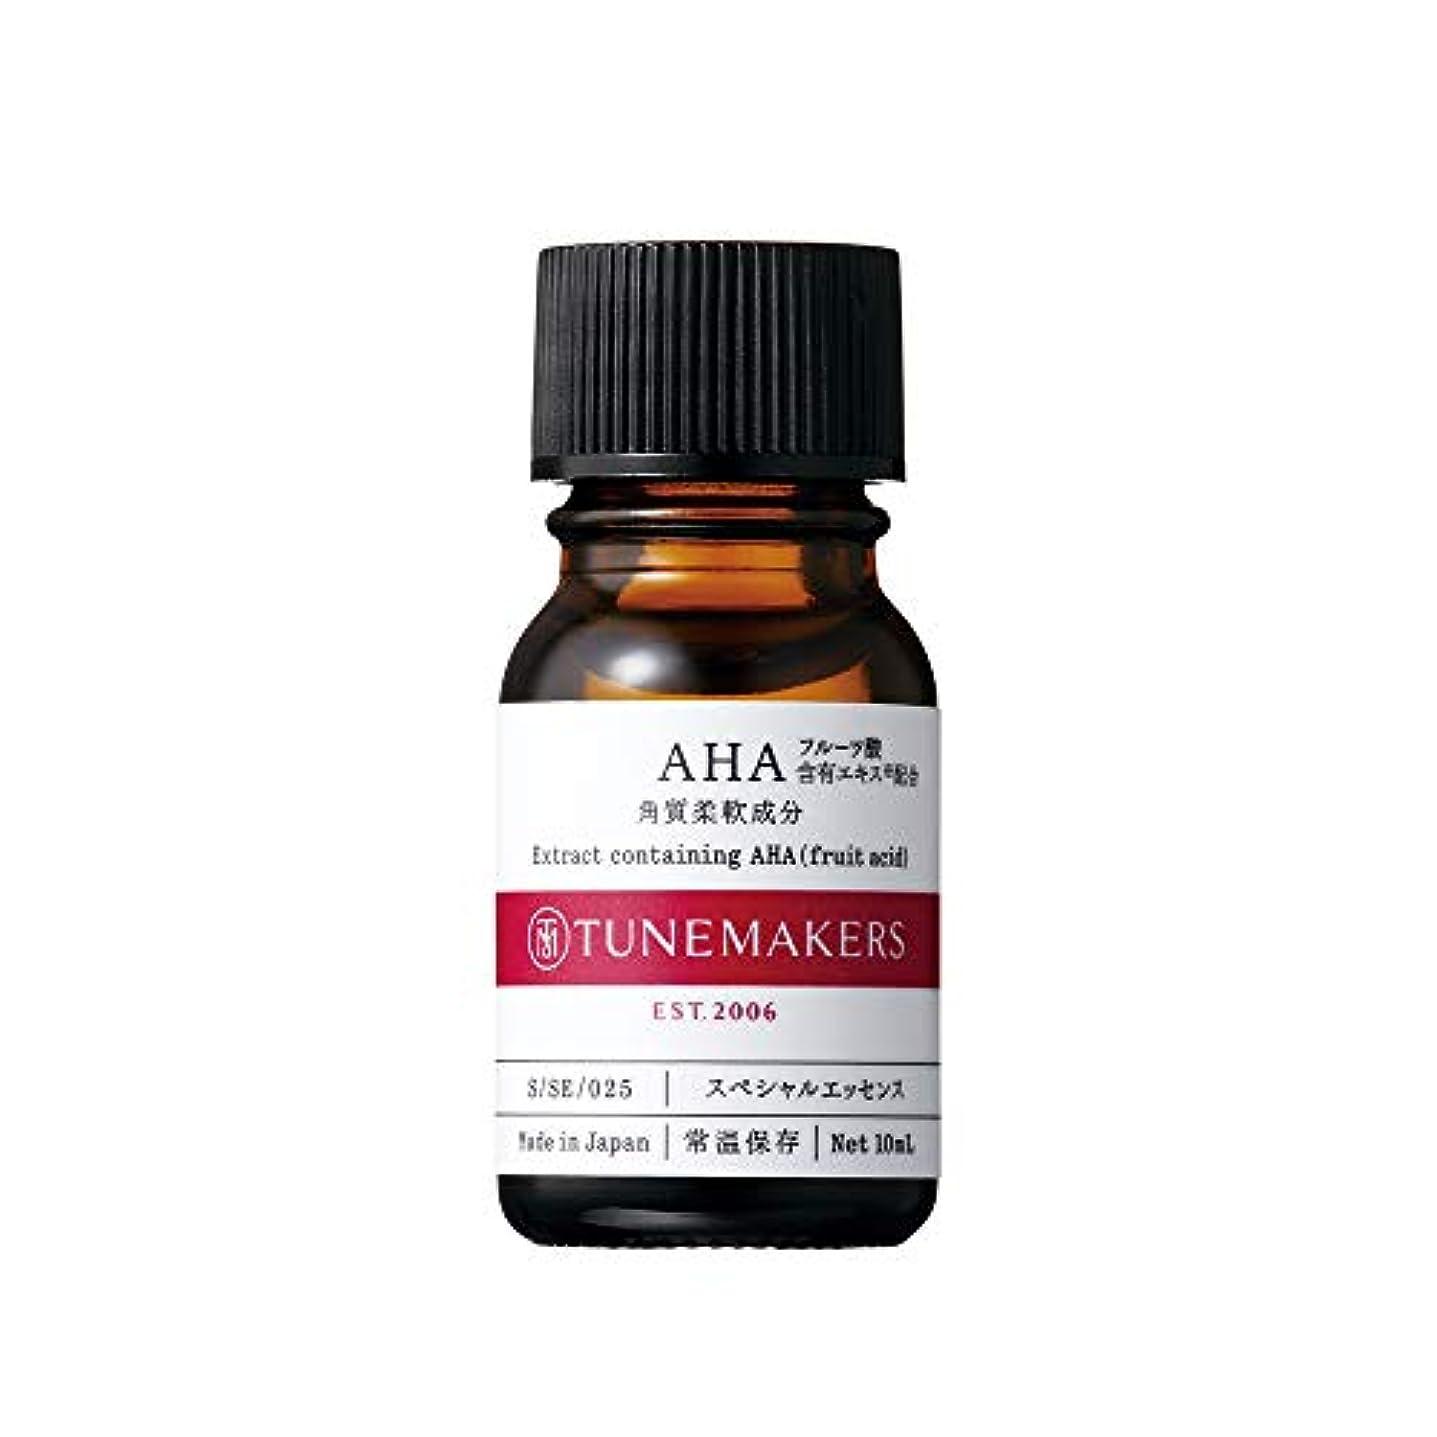 然としたタクトブラシチューンメーカーズ AHA(フルーツ酸)含有エキス 10ml 原液美容液 [毛穴ケア] リニューアル商品